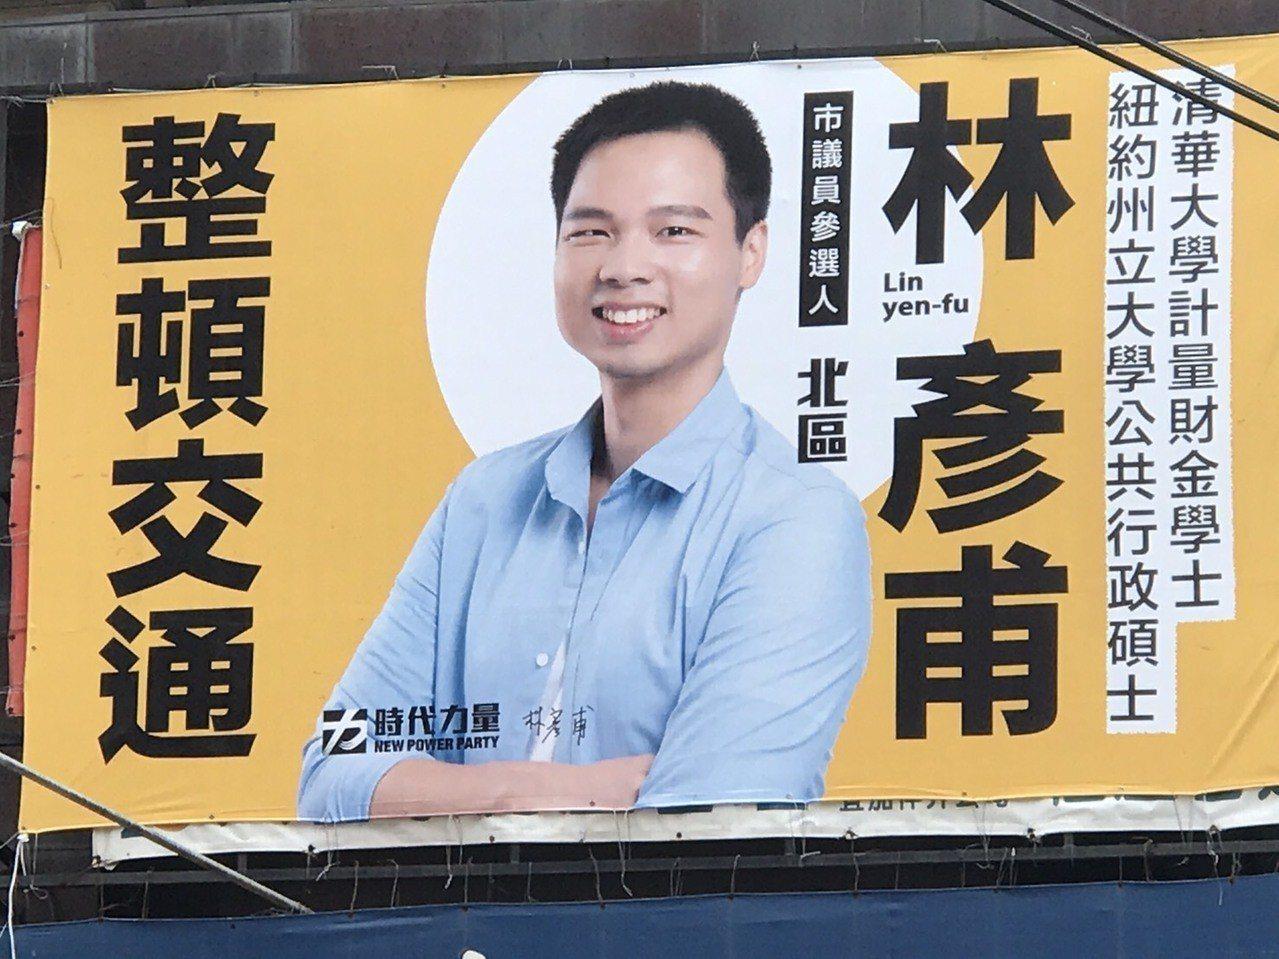 時代力量新竹市北區市議員參選人林彥甫是清華大學校友,街頭廣告看板「整頓交通」四字...